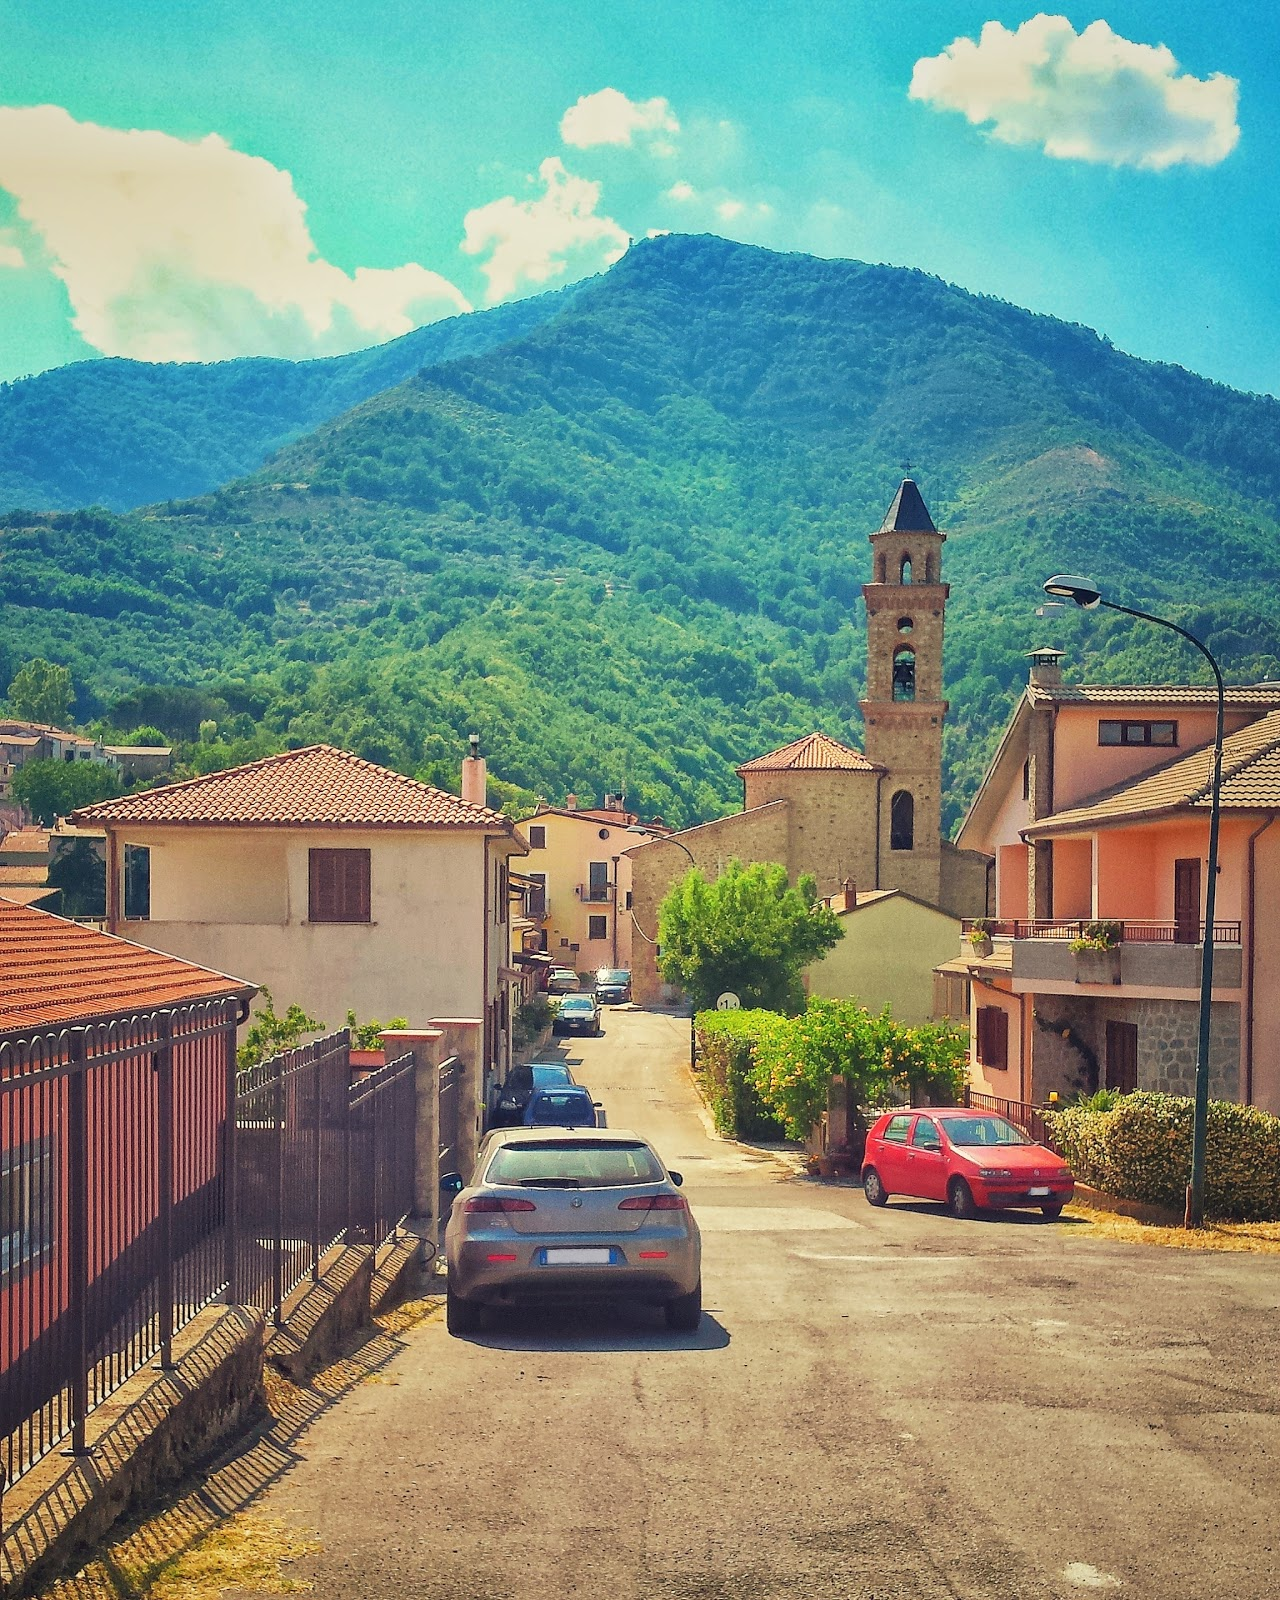 Casal Velino (Salerno): O que ver e onde dormir